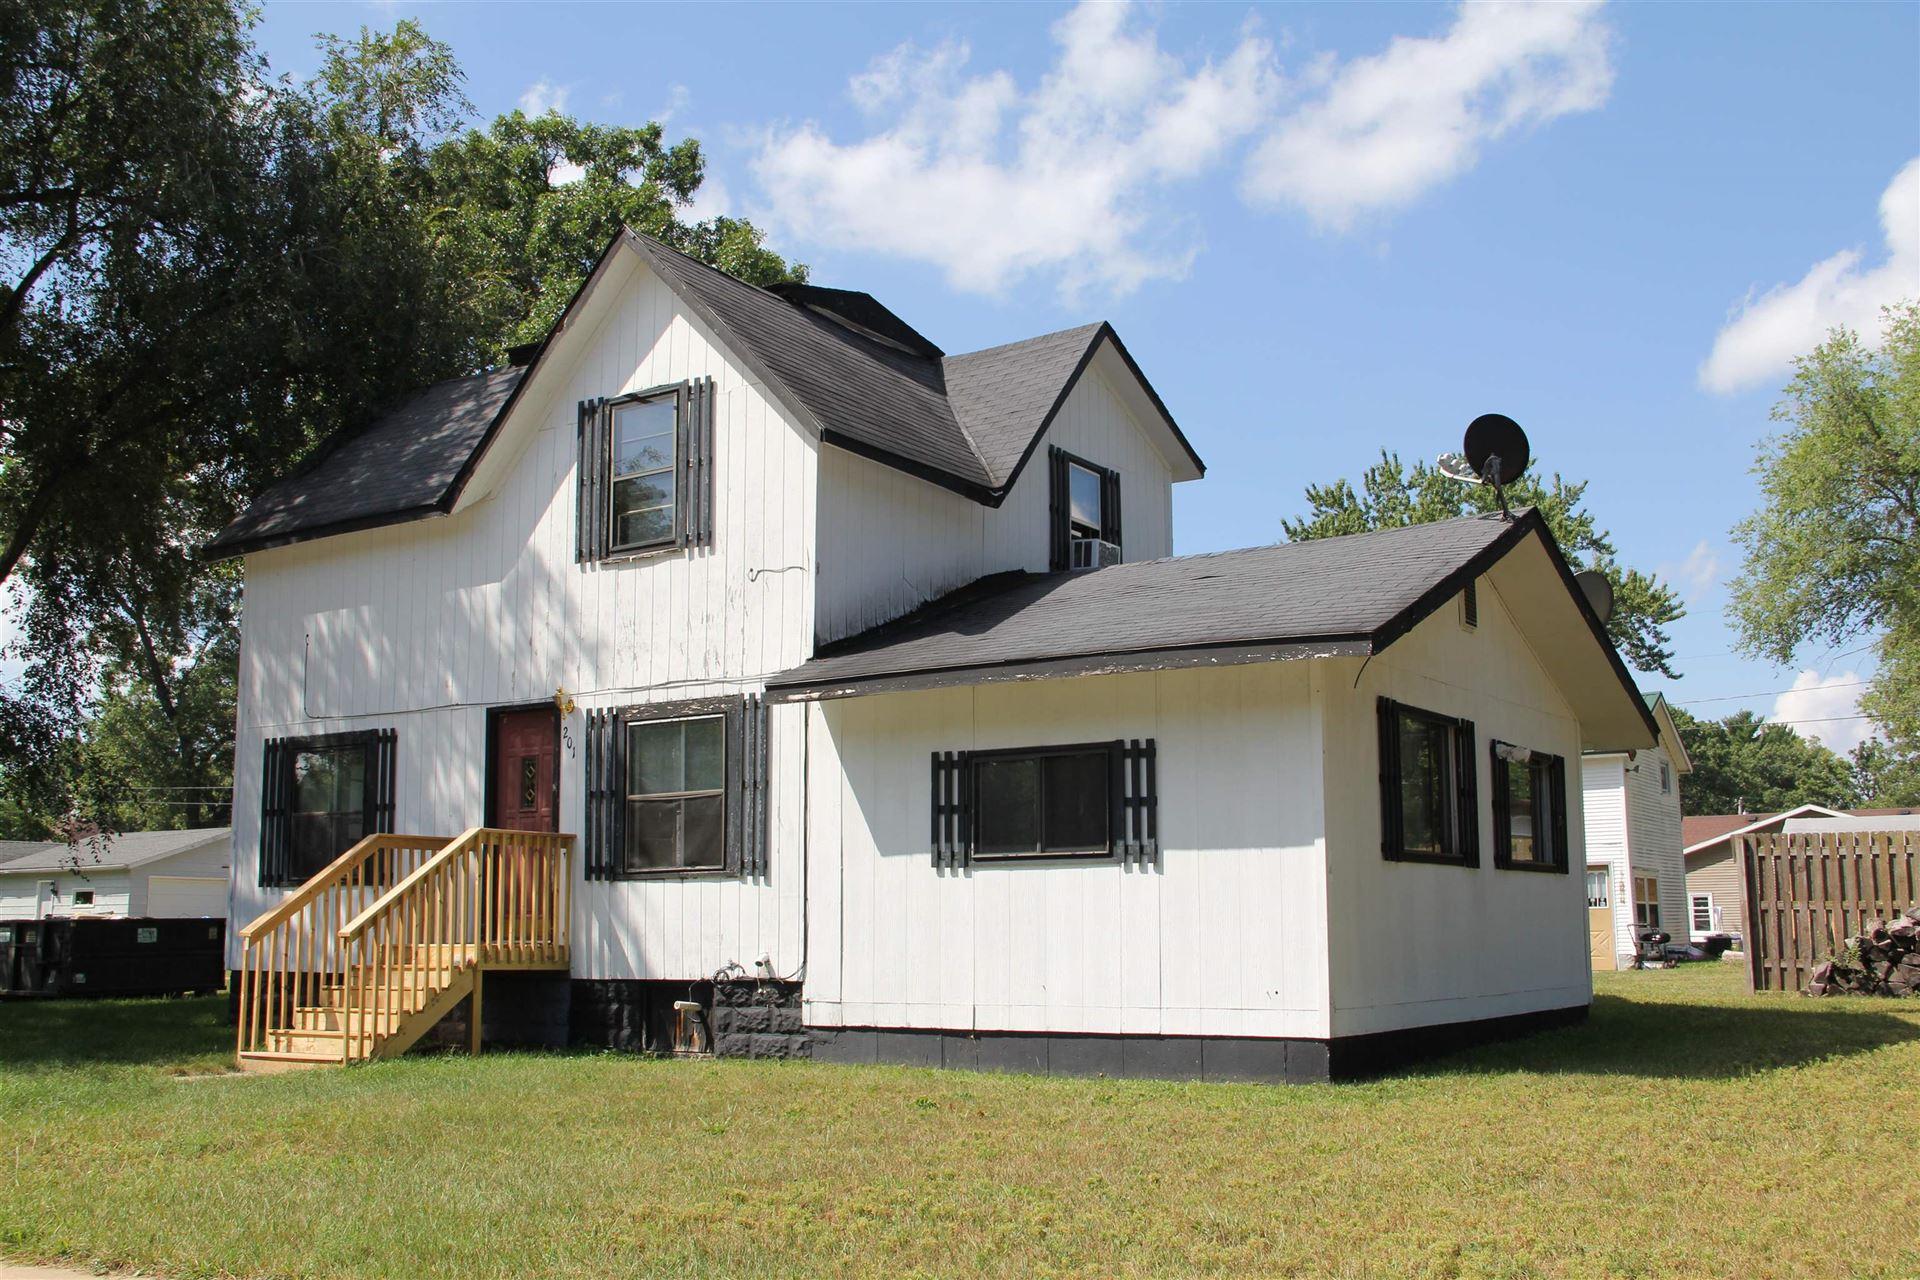 201 N Pine St, Adams, WI 53910 - #: 1917850